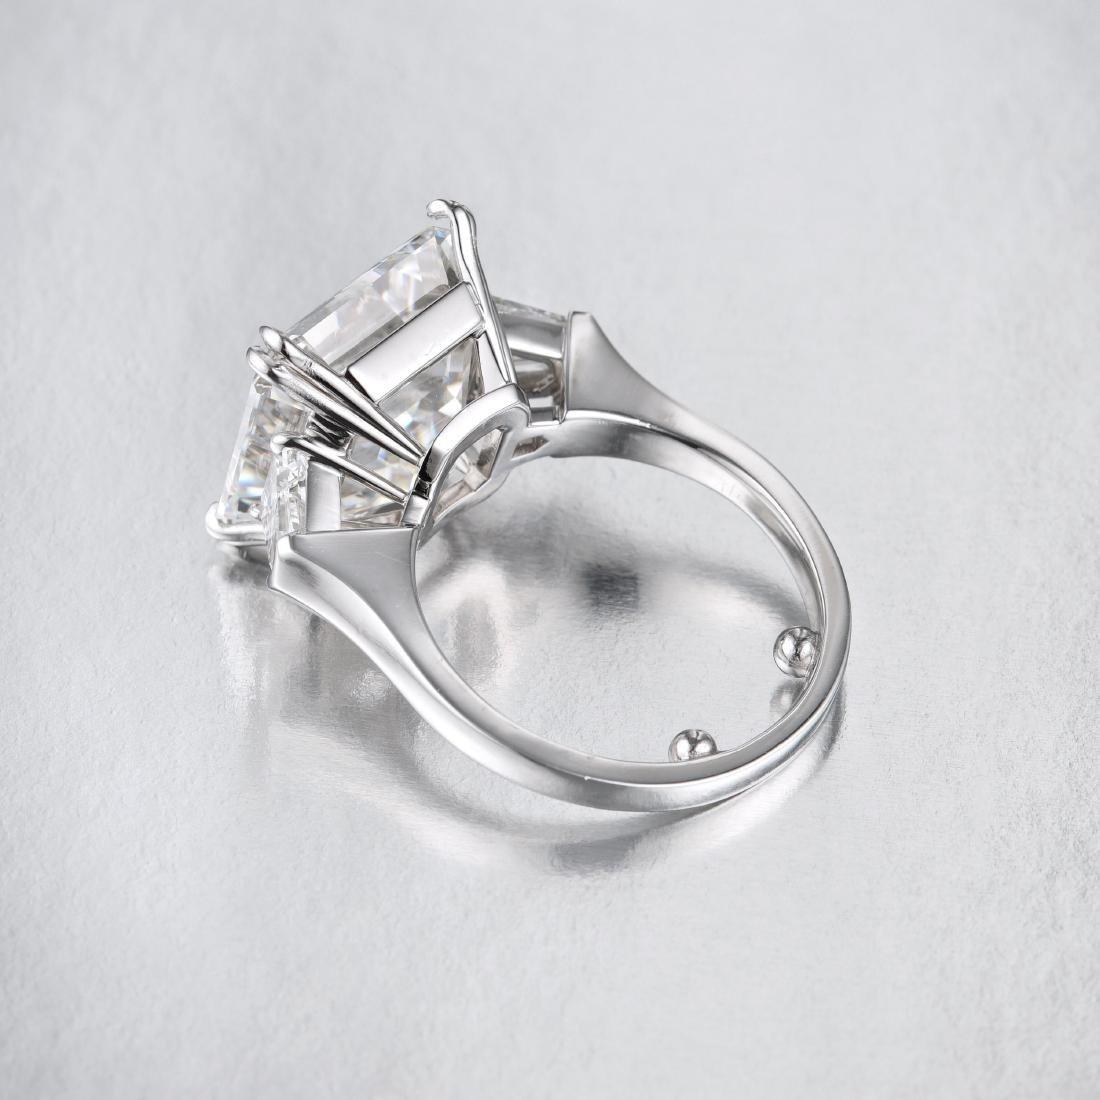 A 10.67-Carat D IF Asscher-Cut Diamond Ring - 4